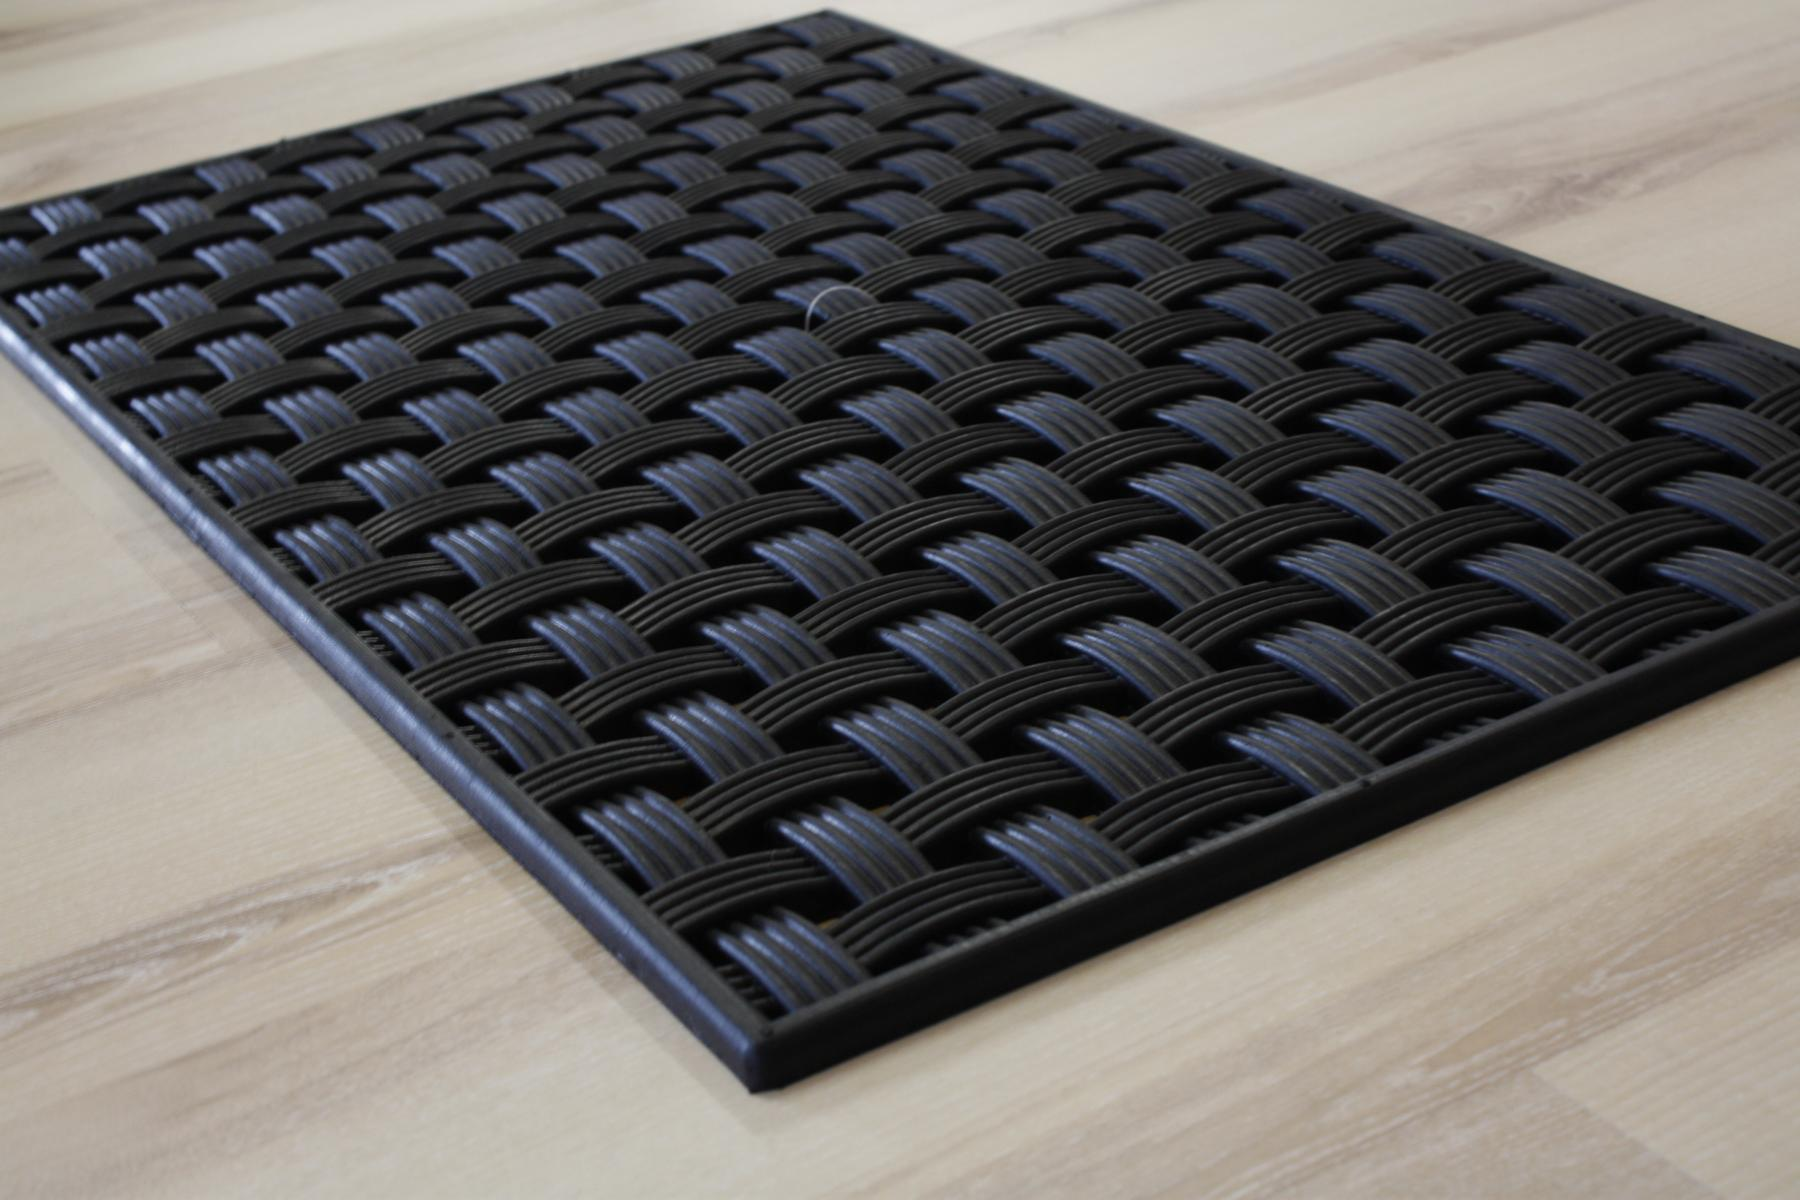 Fußmatte Türmatte Gummi geflochten gewebt schwarz 45×75 cm